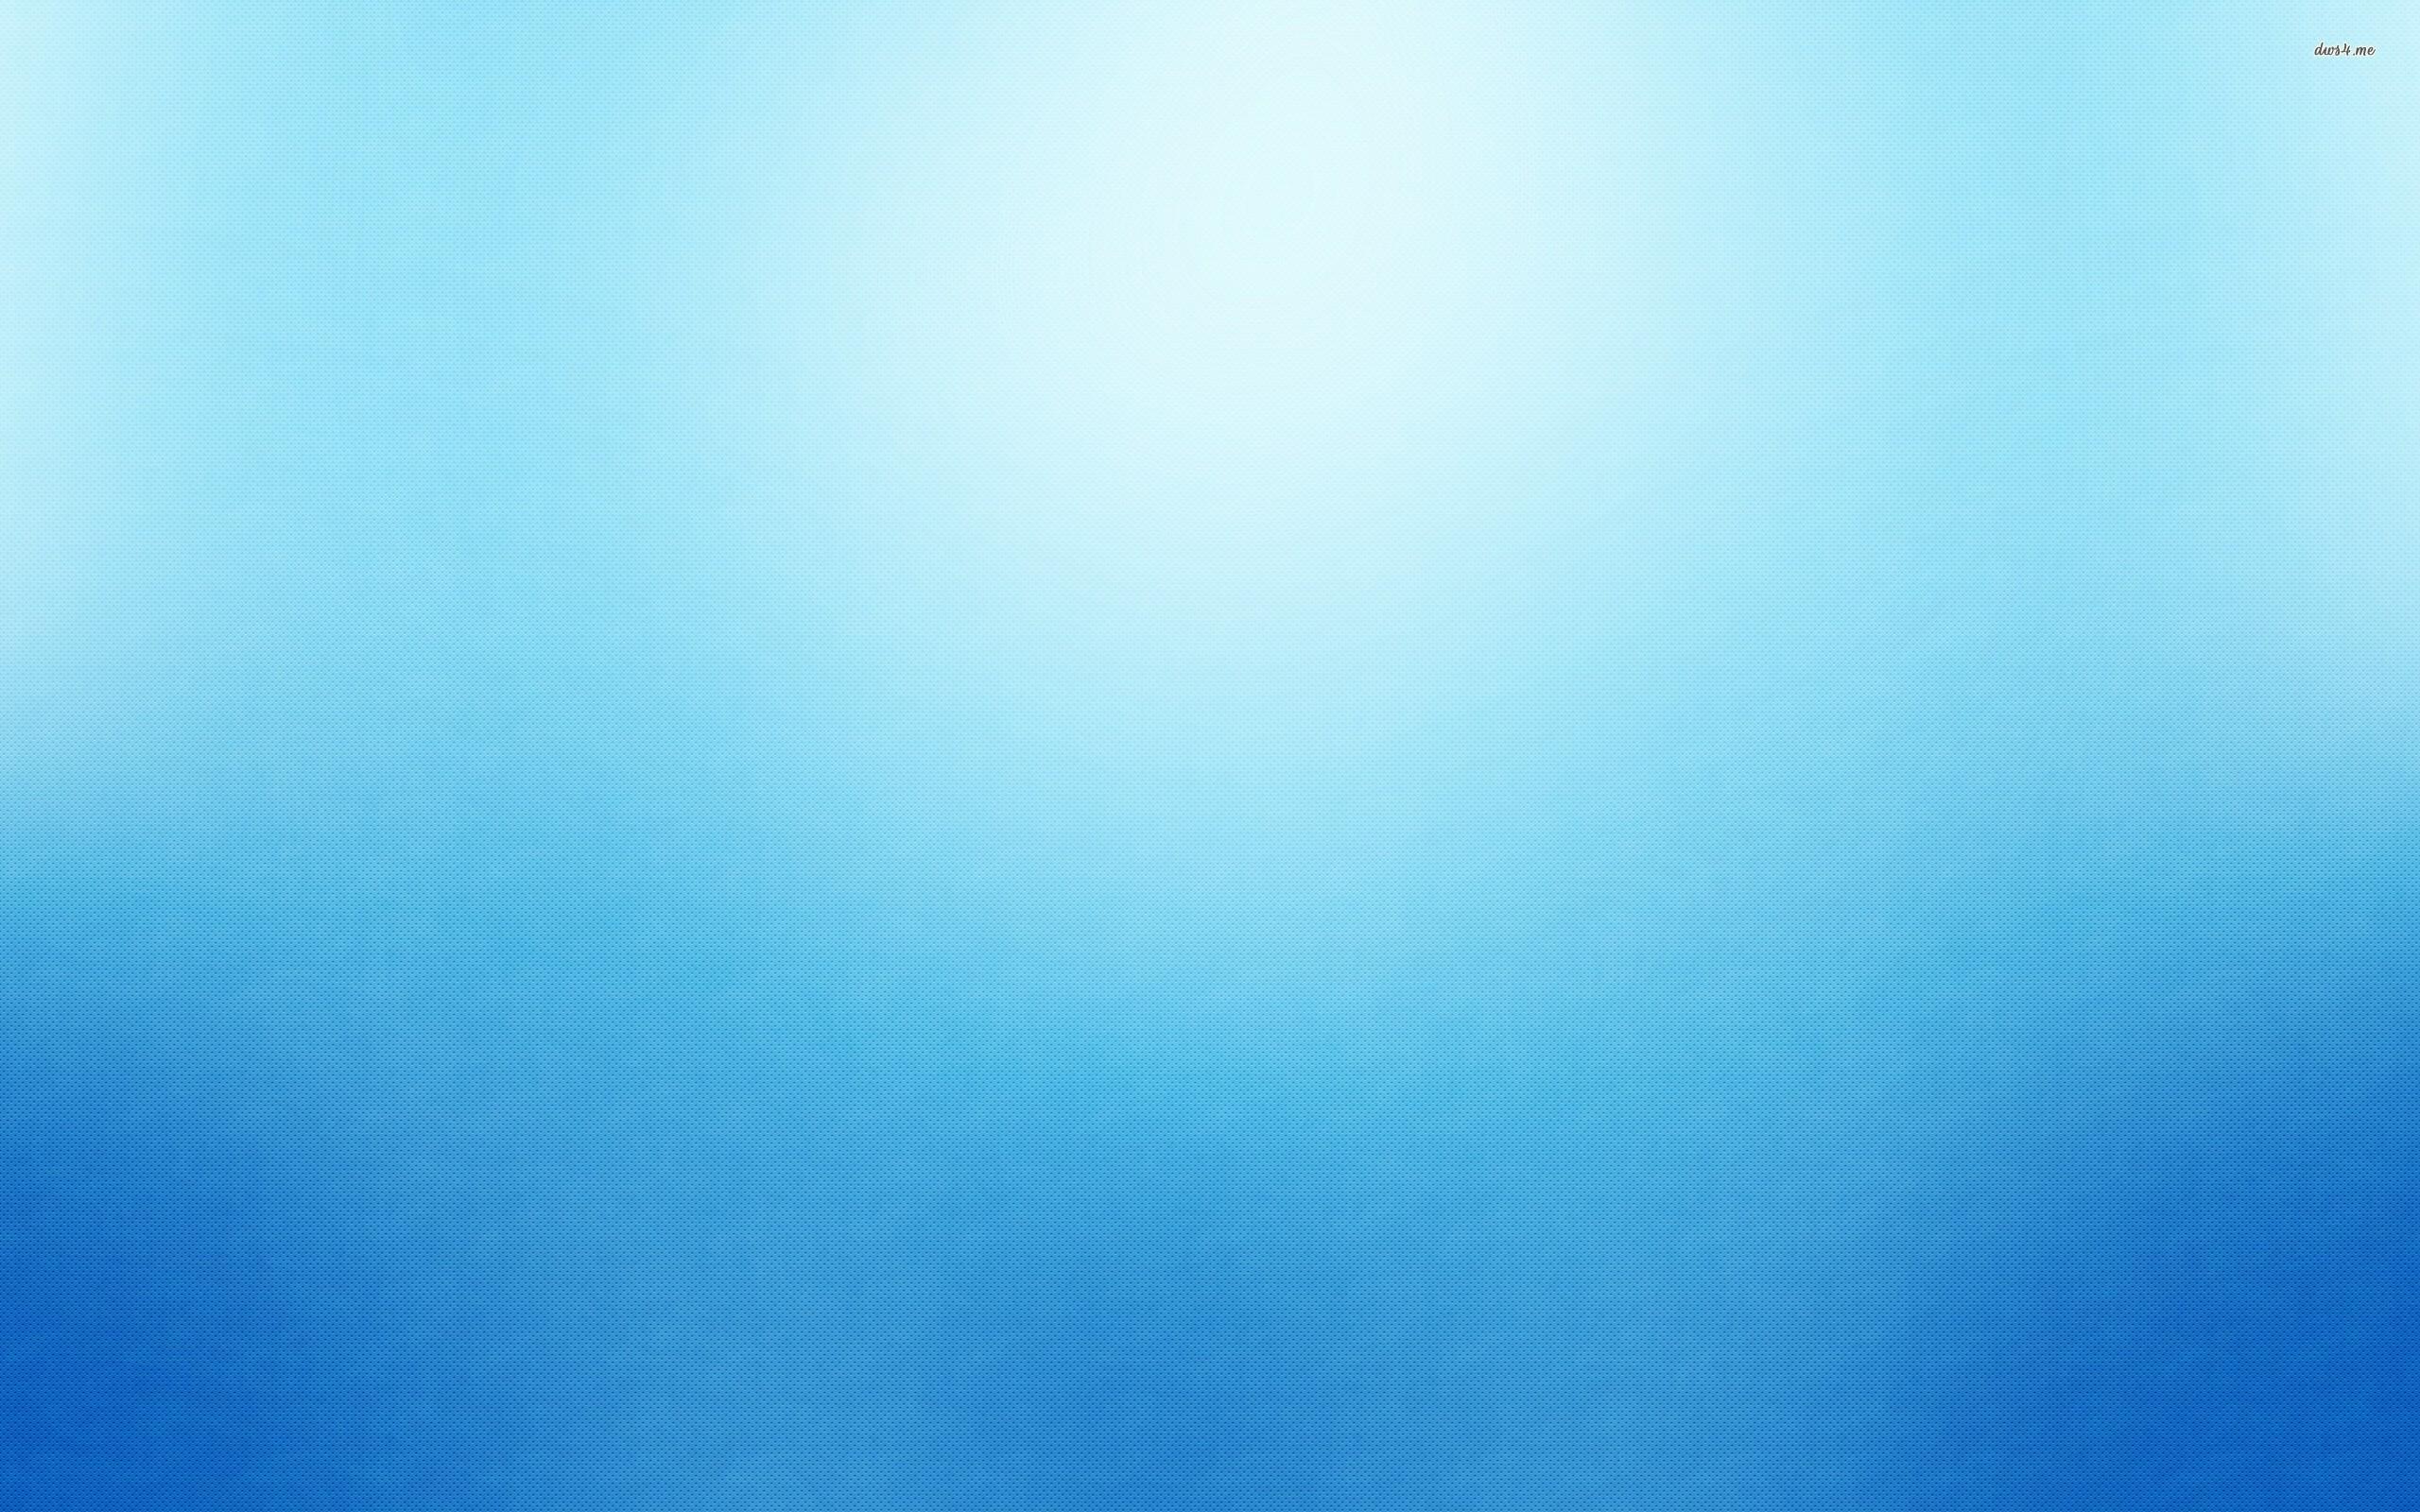 21390-light-blue-texture-2560x1600-abstract-wallpaper.jpg